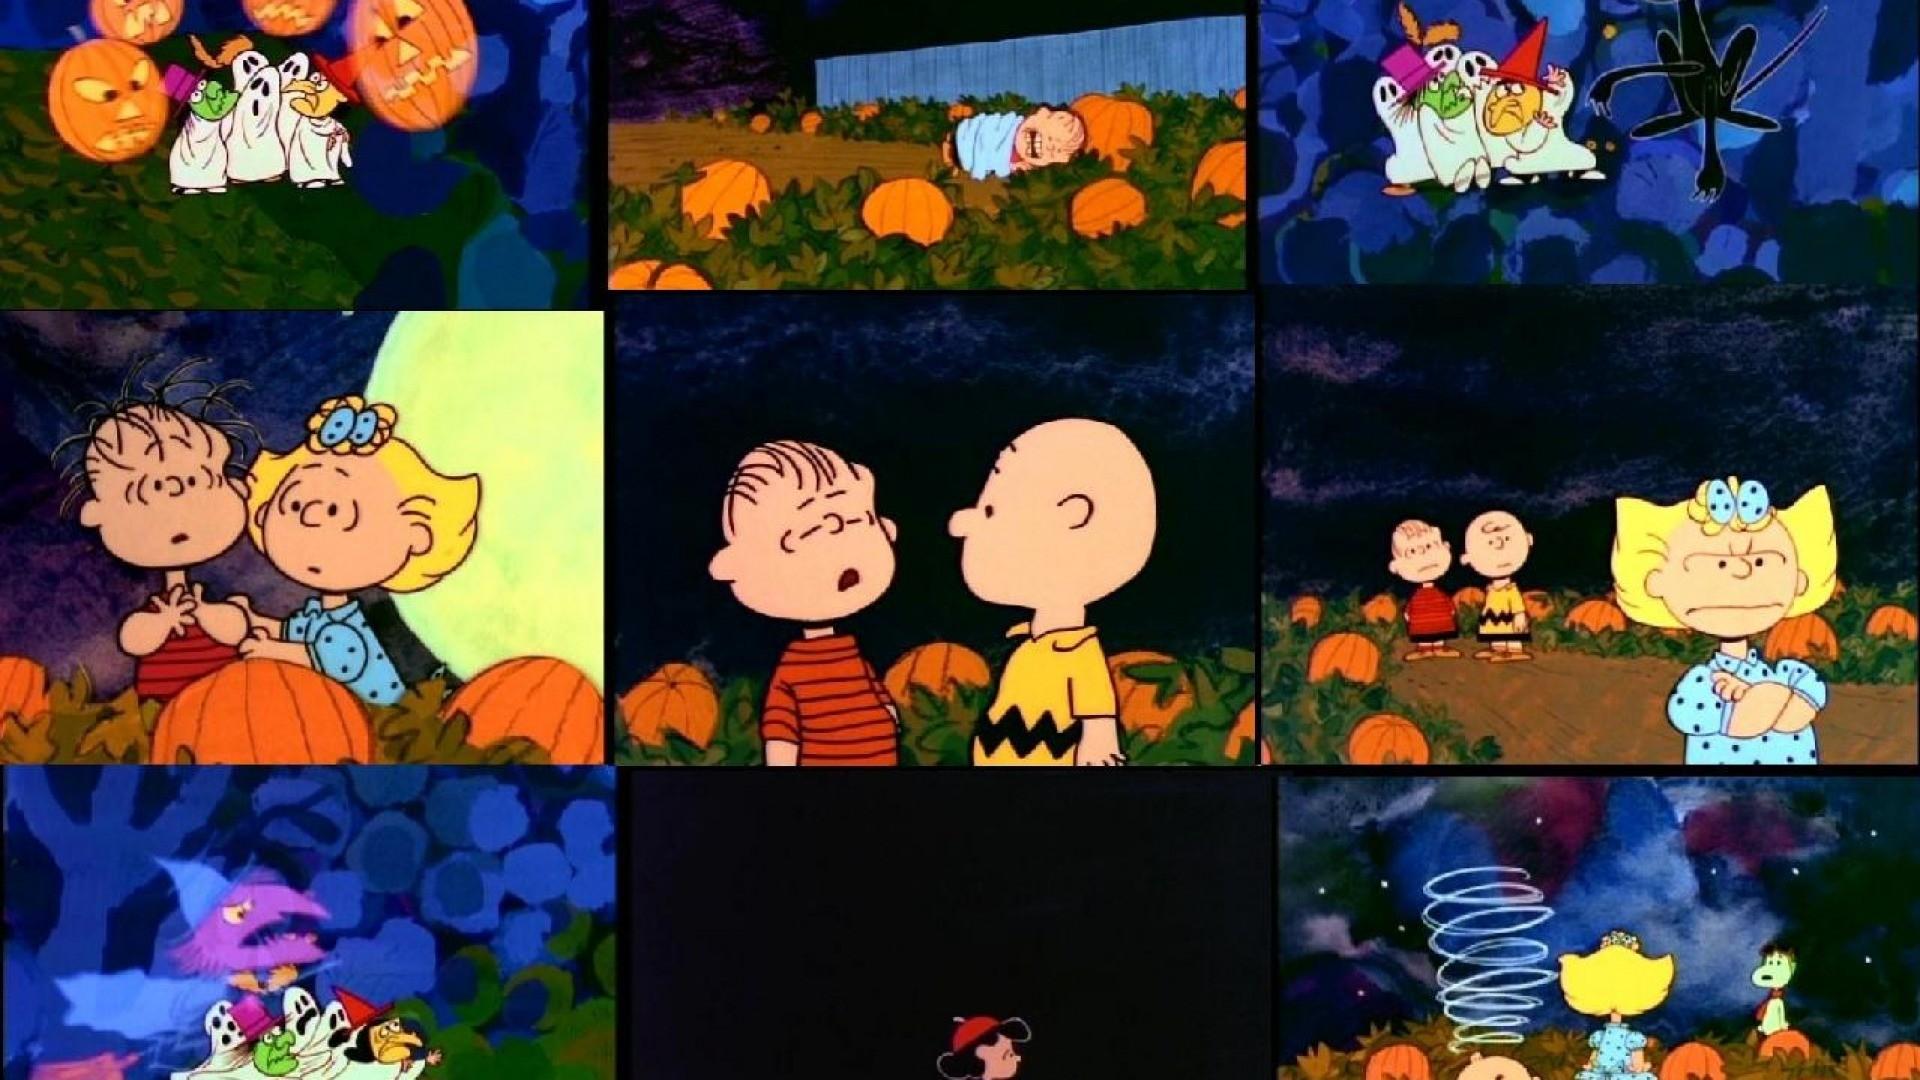 Charlie Brown Halloween Hd Wallpaper Iphone 7 Plus Iphone 8 Plus